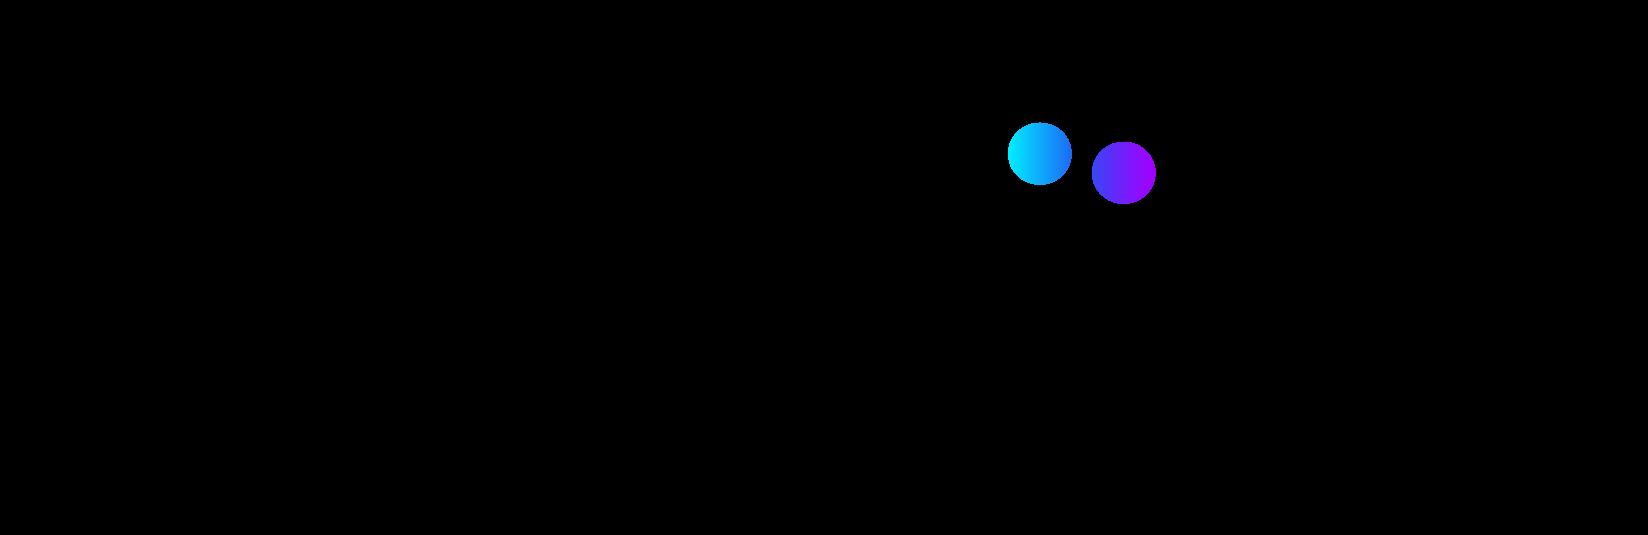 Techhuman-logo-transparent